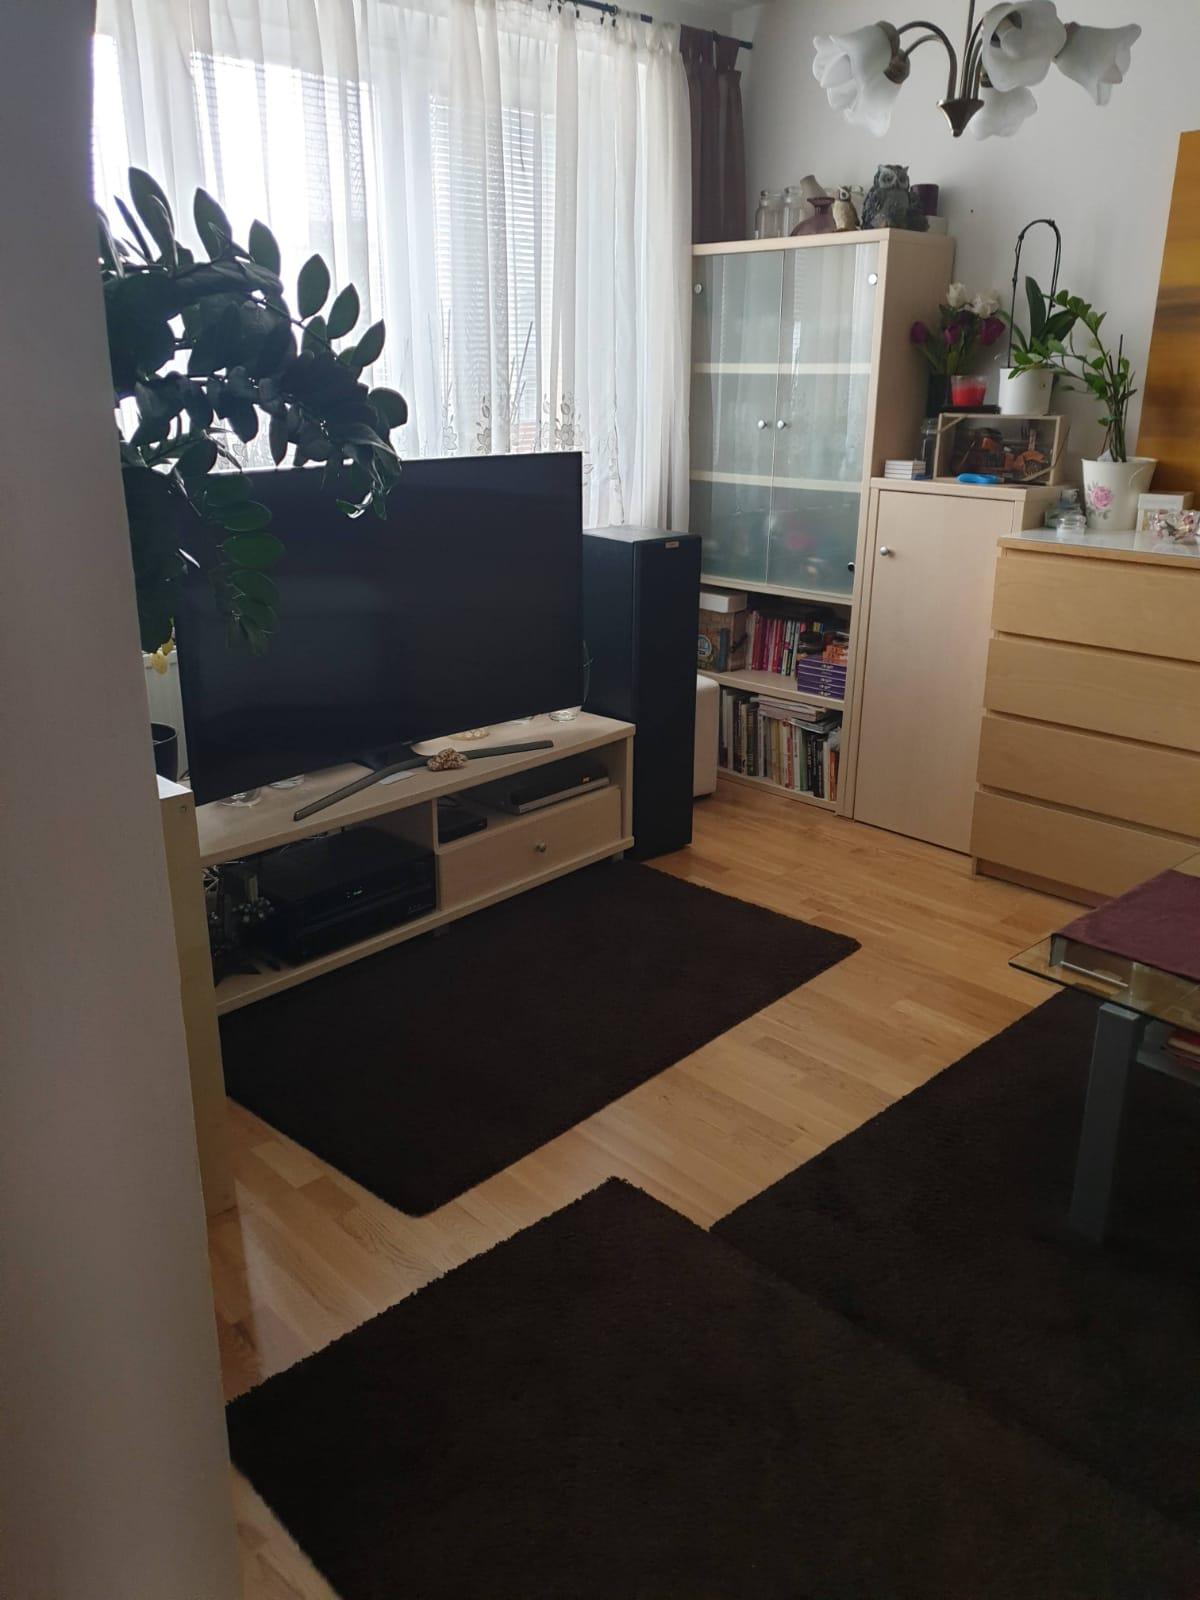 Adum ikea koberec 80x150 - Obrázok č. 1